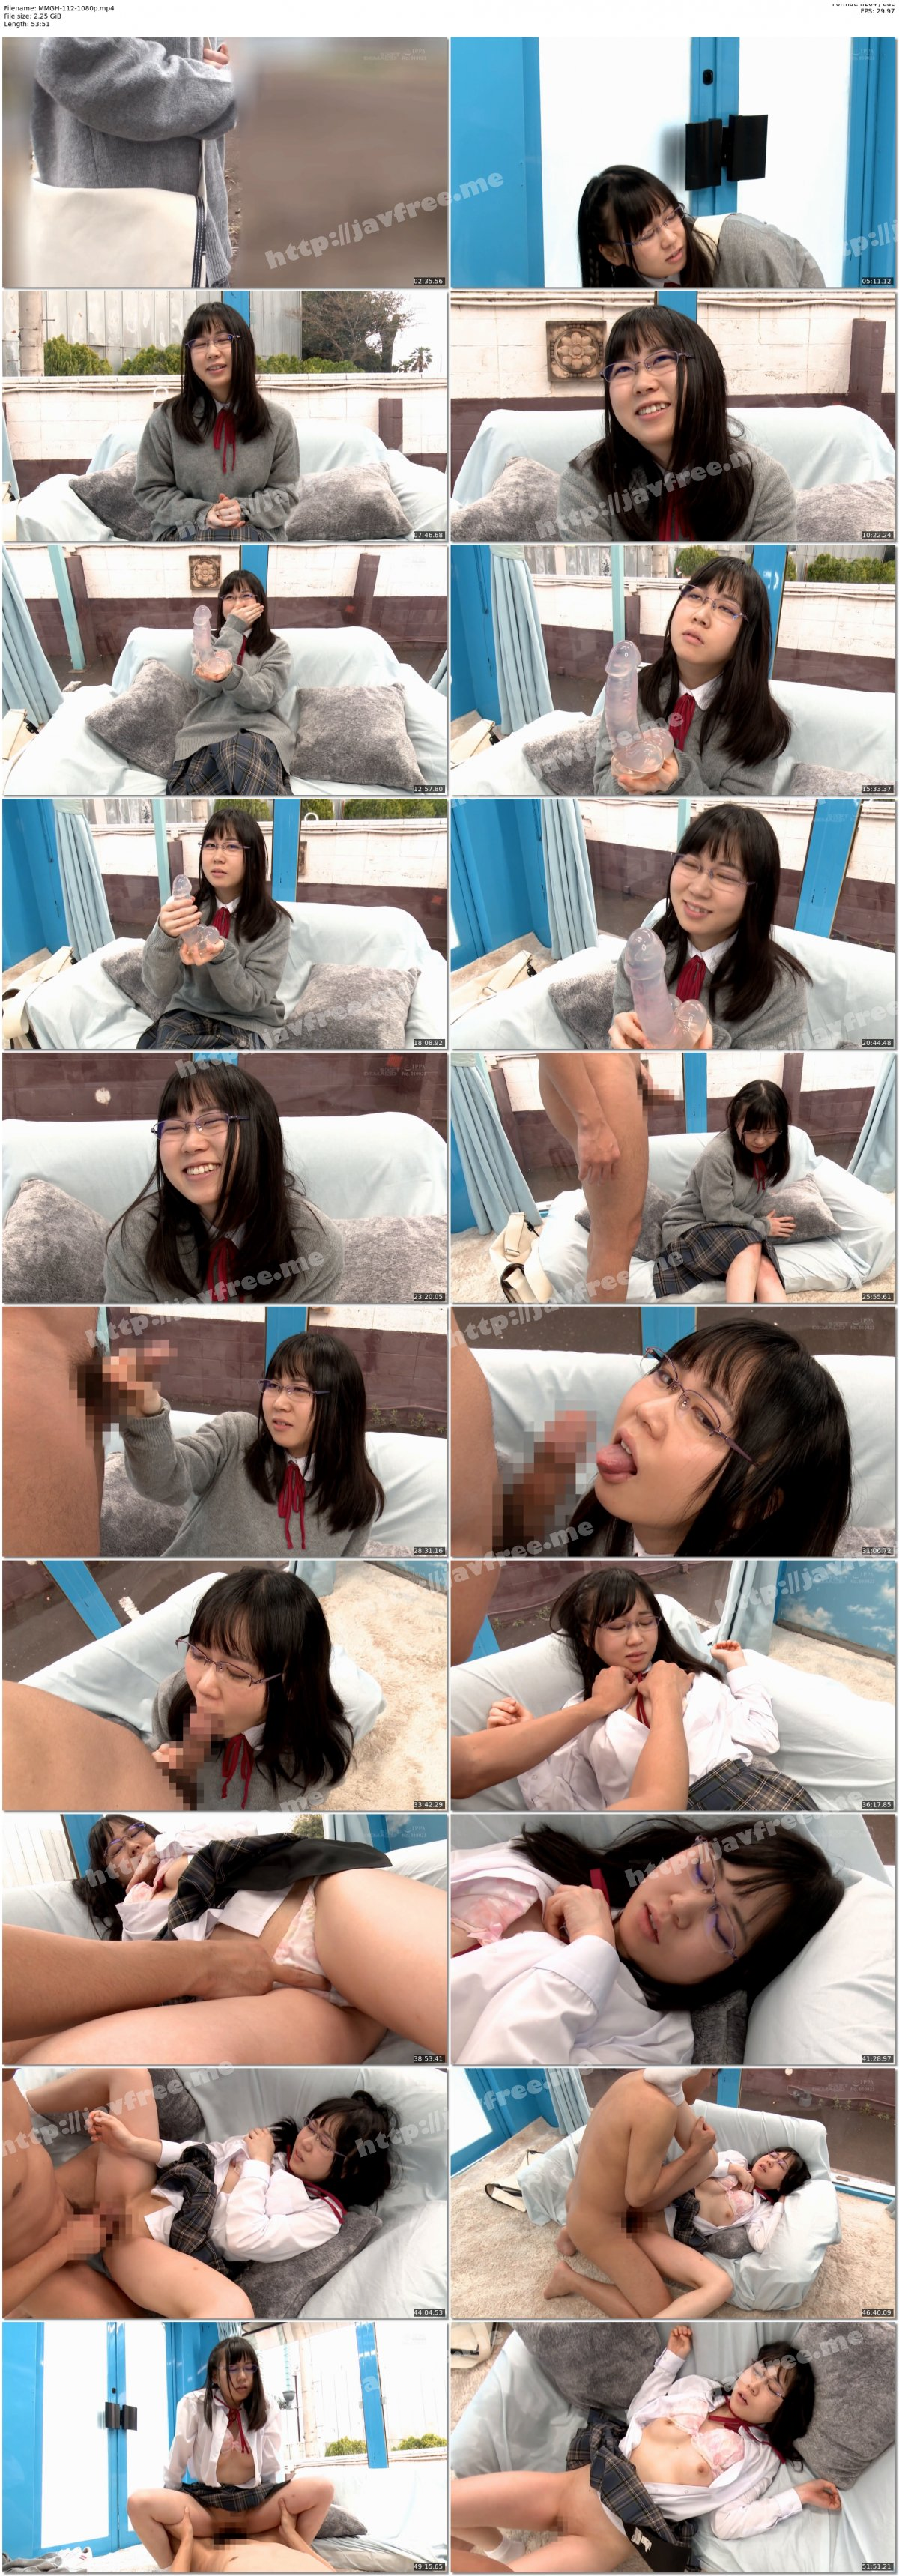 [HD][MMGH-112] かな(18)女子○生 マジックミラー号 初めてのおちんちん研究!かわいいお顔にぶっかけ! - image MMGH-112-1080p on https://javfree.me